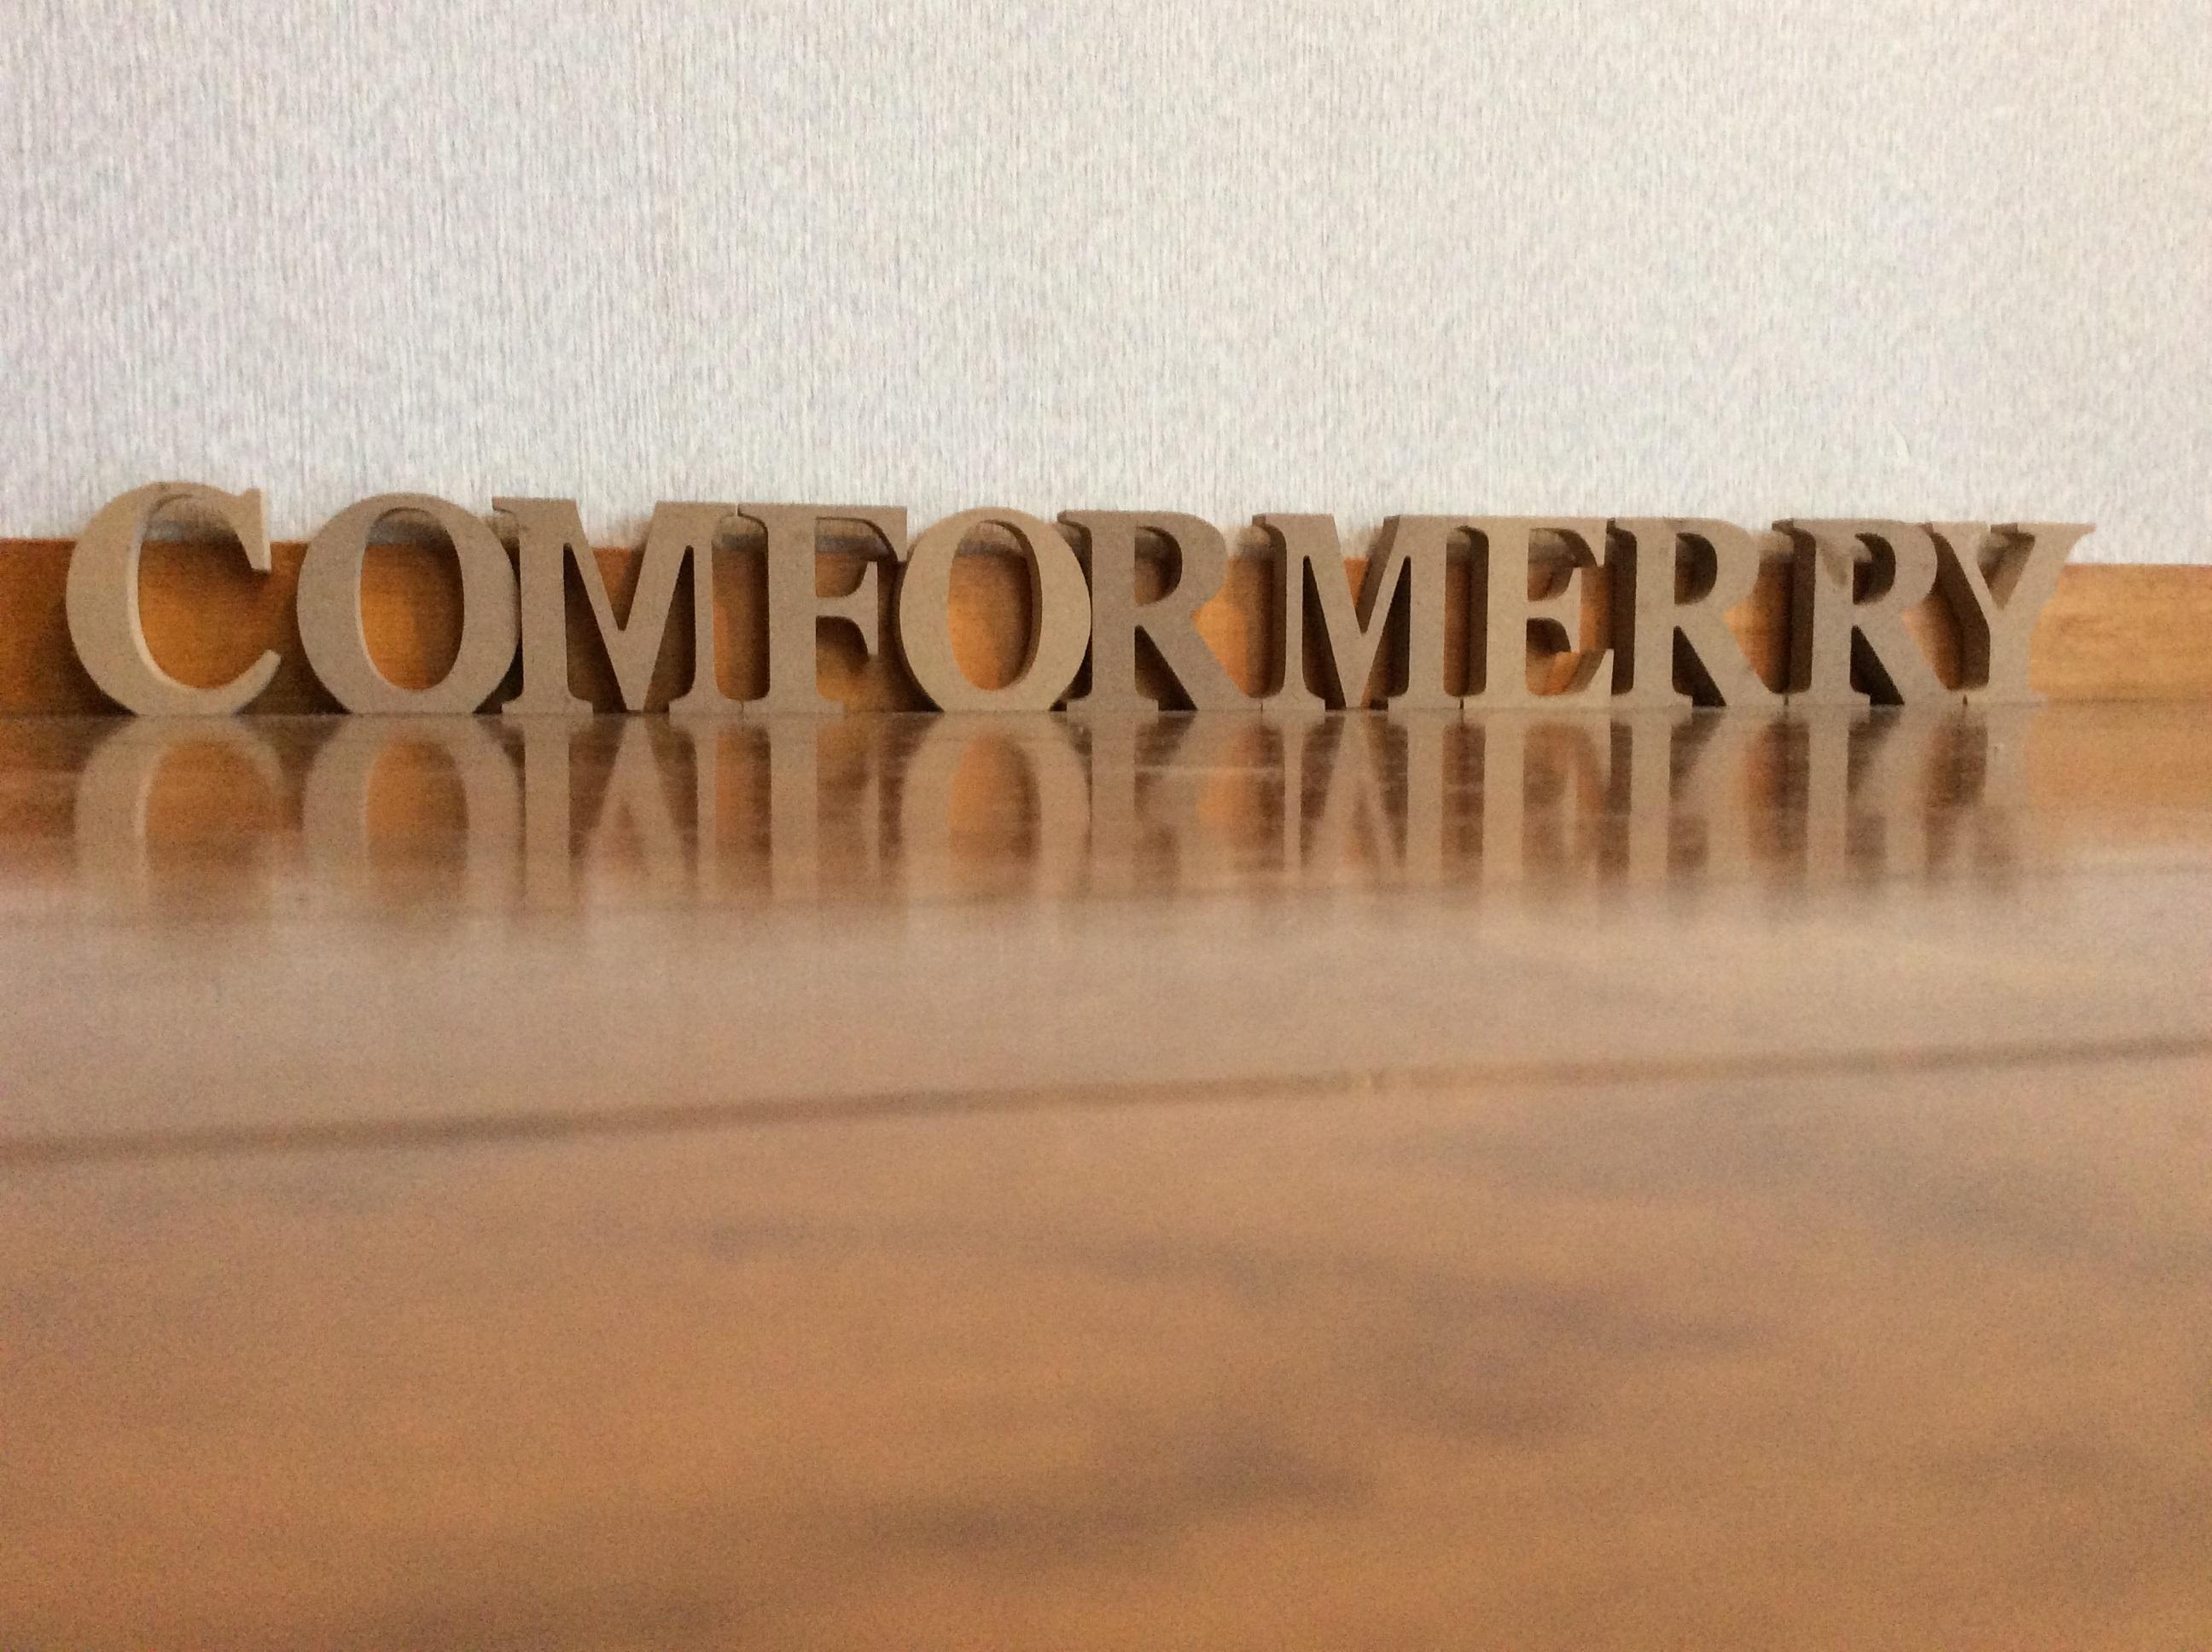 助産師による産前産後ケア&クレイ ComForMerry-コンフォメリー-